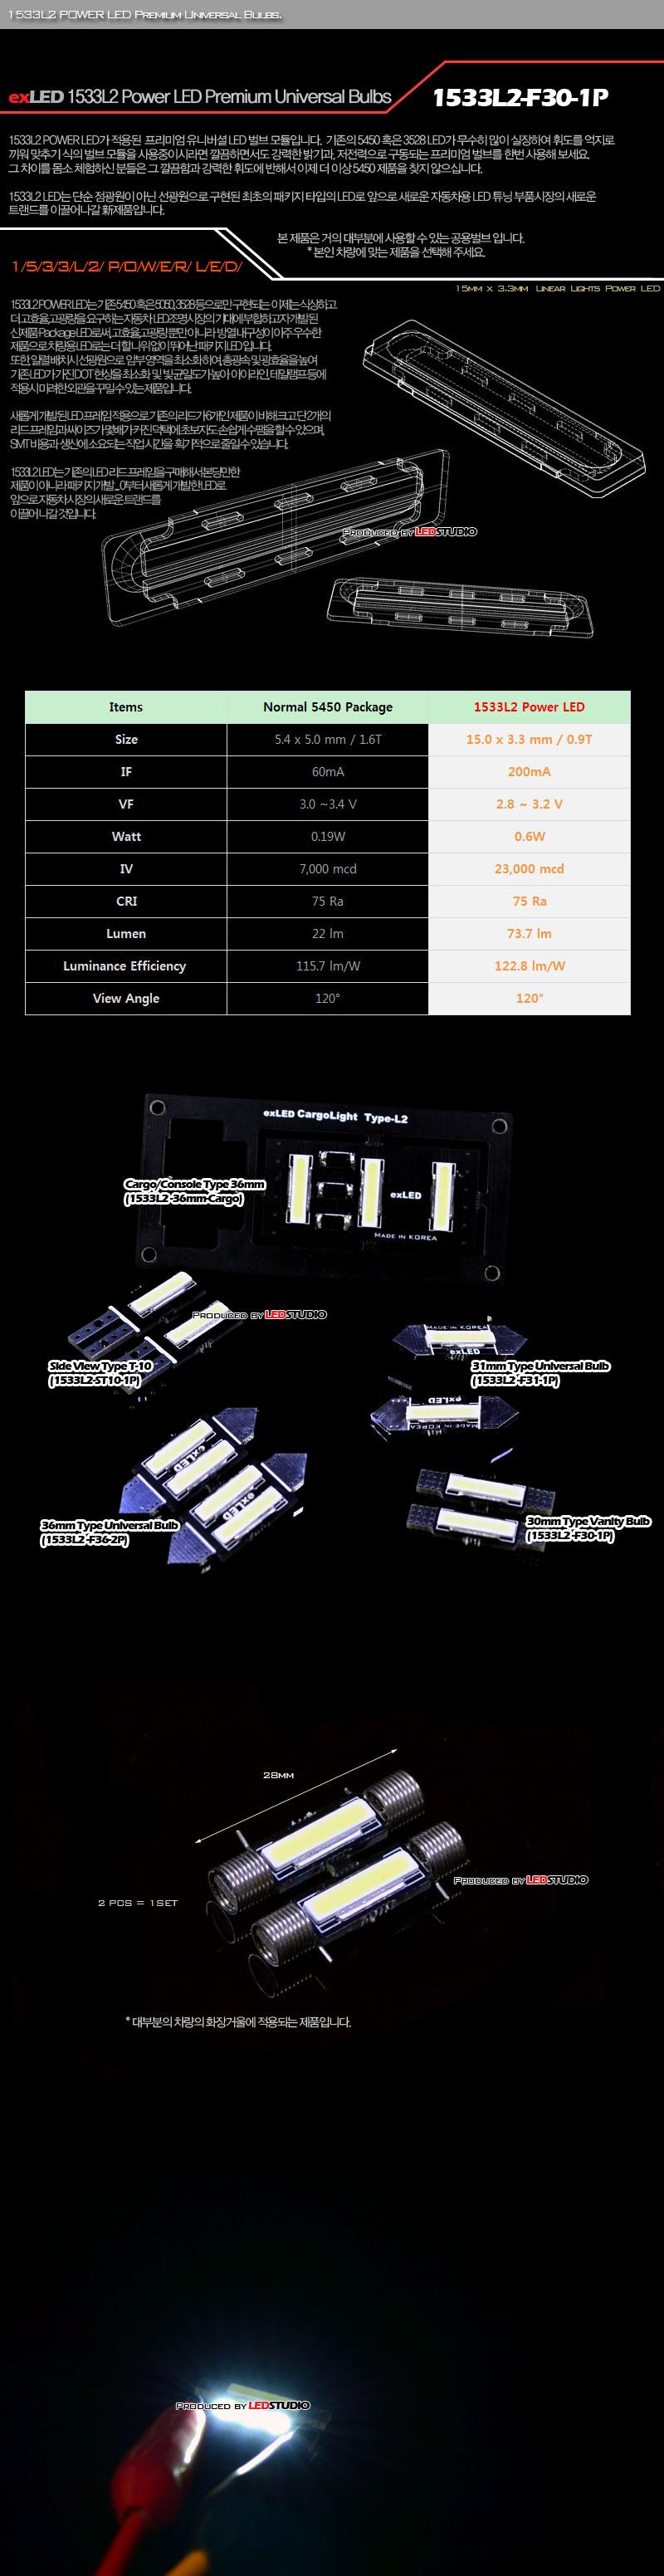 exLED 1533L2파워LED 프리미엄 공용 벌브 1533L2-F30-1P (화장거울용) (2개 1조)